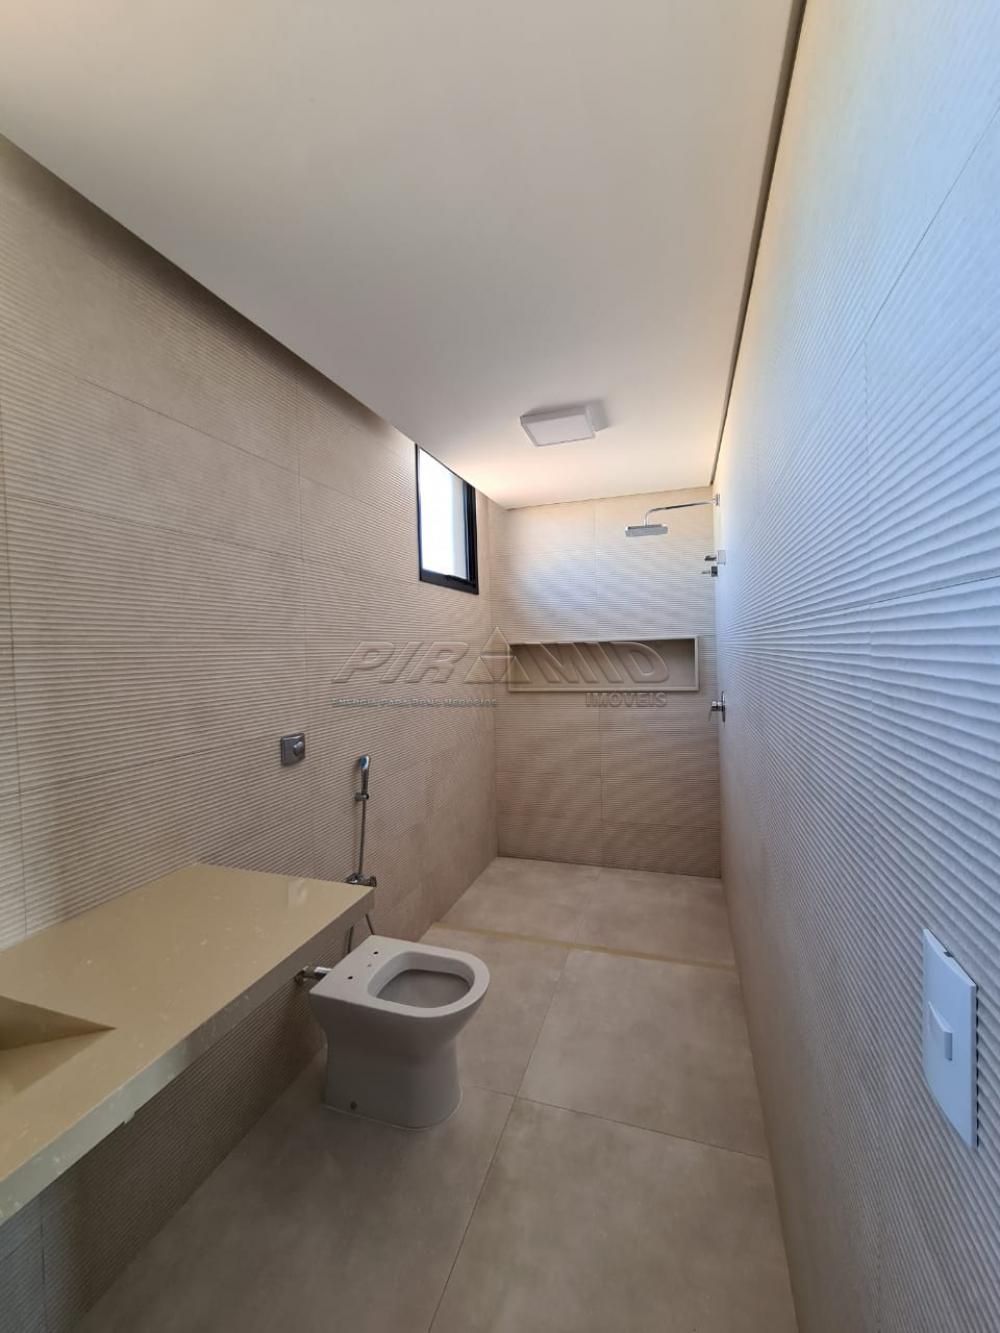 Comprar Casa / Condomínio em Bonfim Paulista R$ 2.900.000,00 - Foto 25